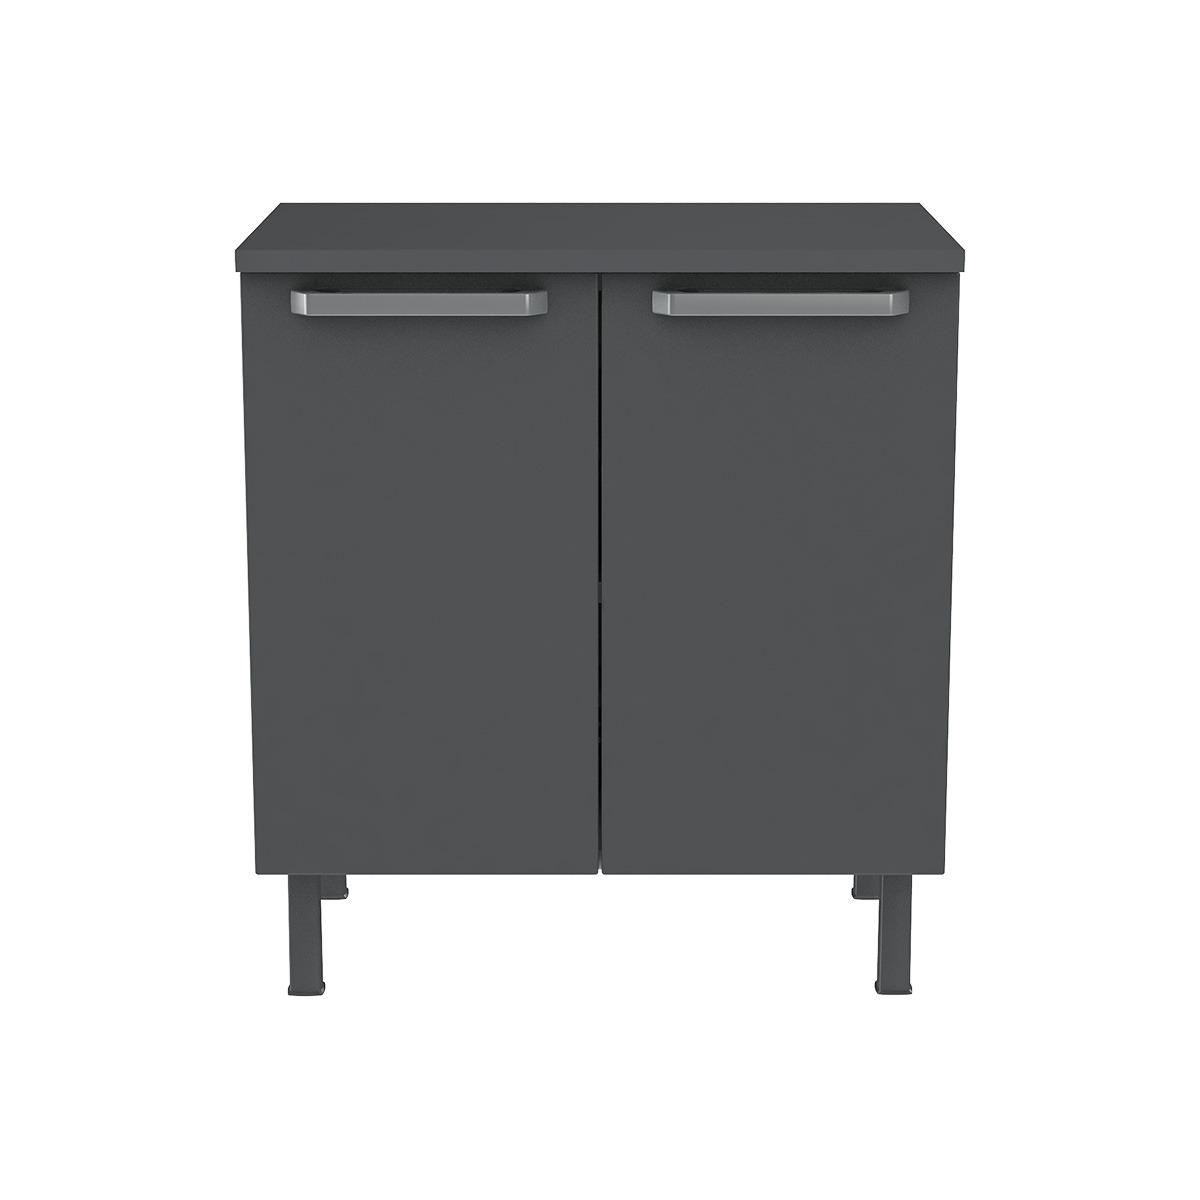 Balcão de Cozinha Colormaq Verona 80cm 2 Portas em Aço